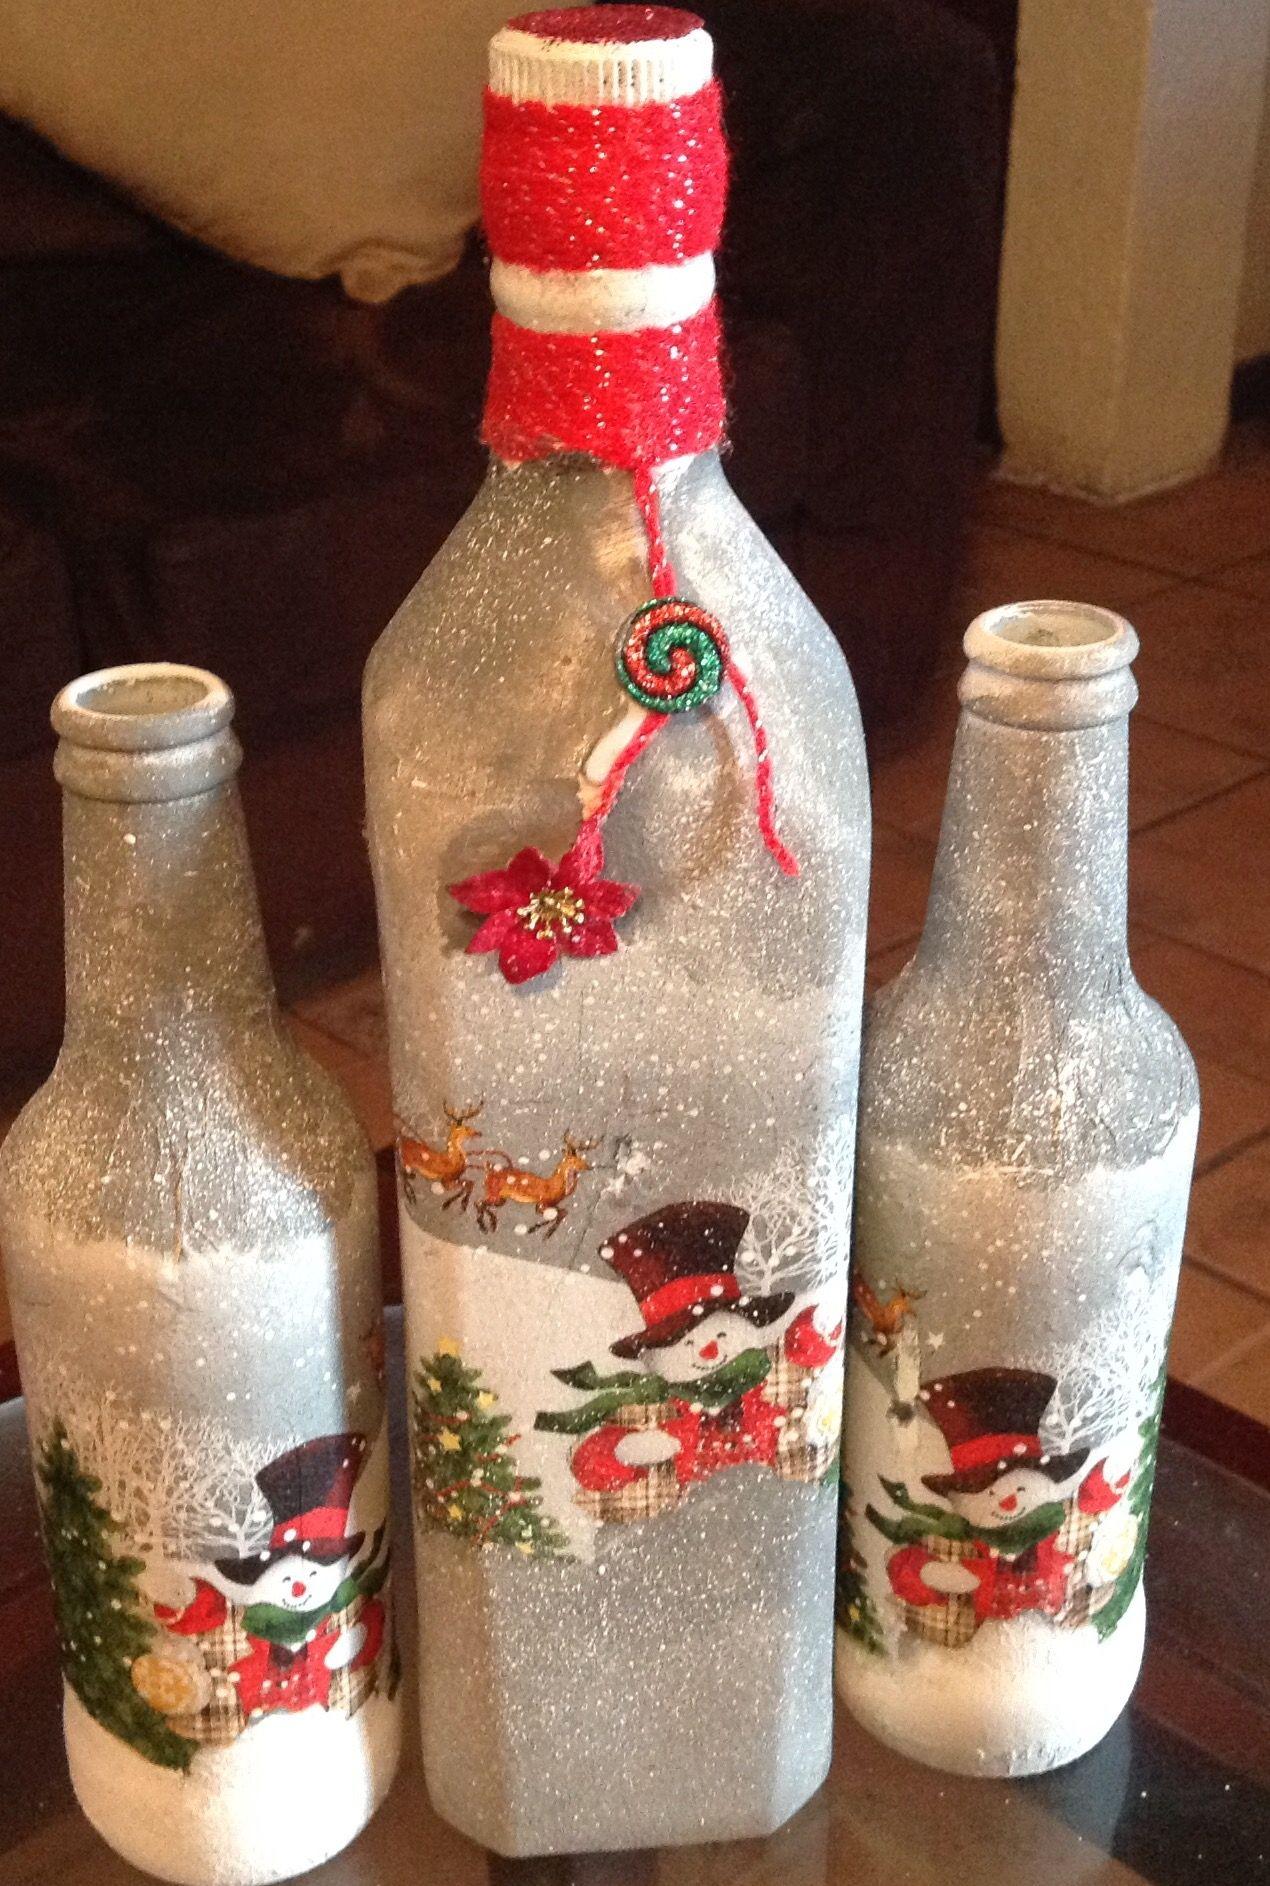 Pin de adriana cuccoro en navidad pinterest botellas decoradas botellas y navidad botellas - Botellas decoradas navidenas ...